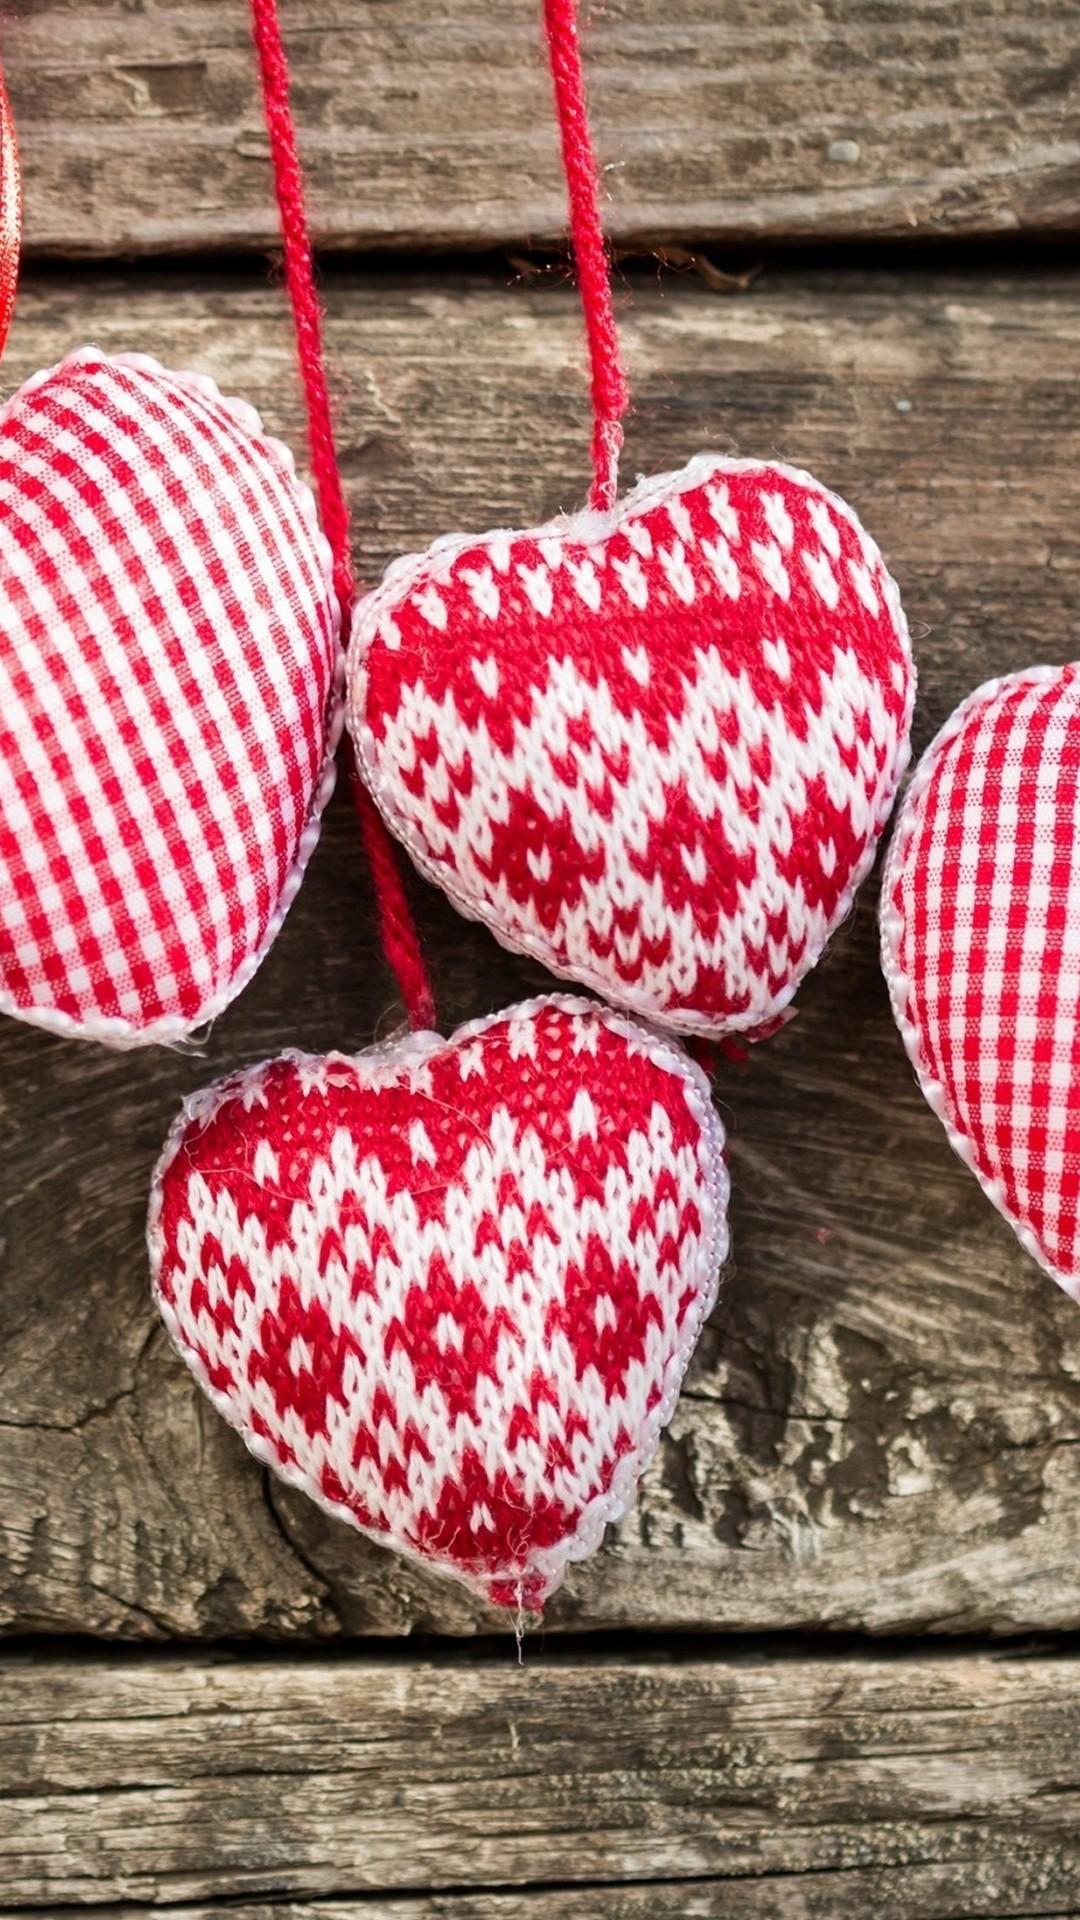 Cute Heart Hd Wallpaper For Mobile - HD Wallpaper